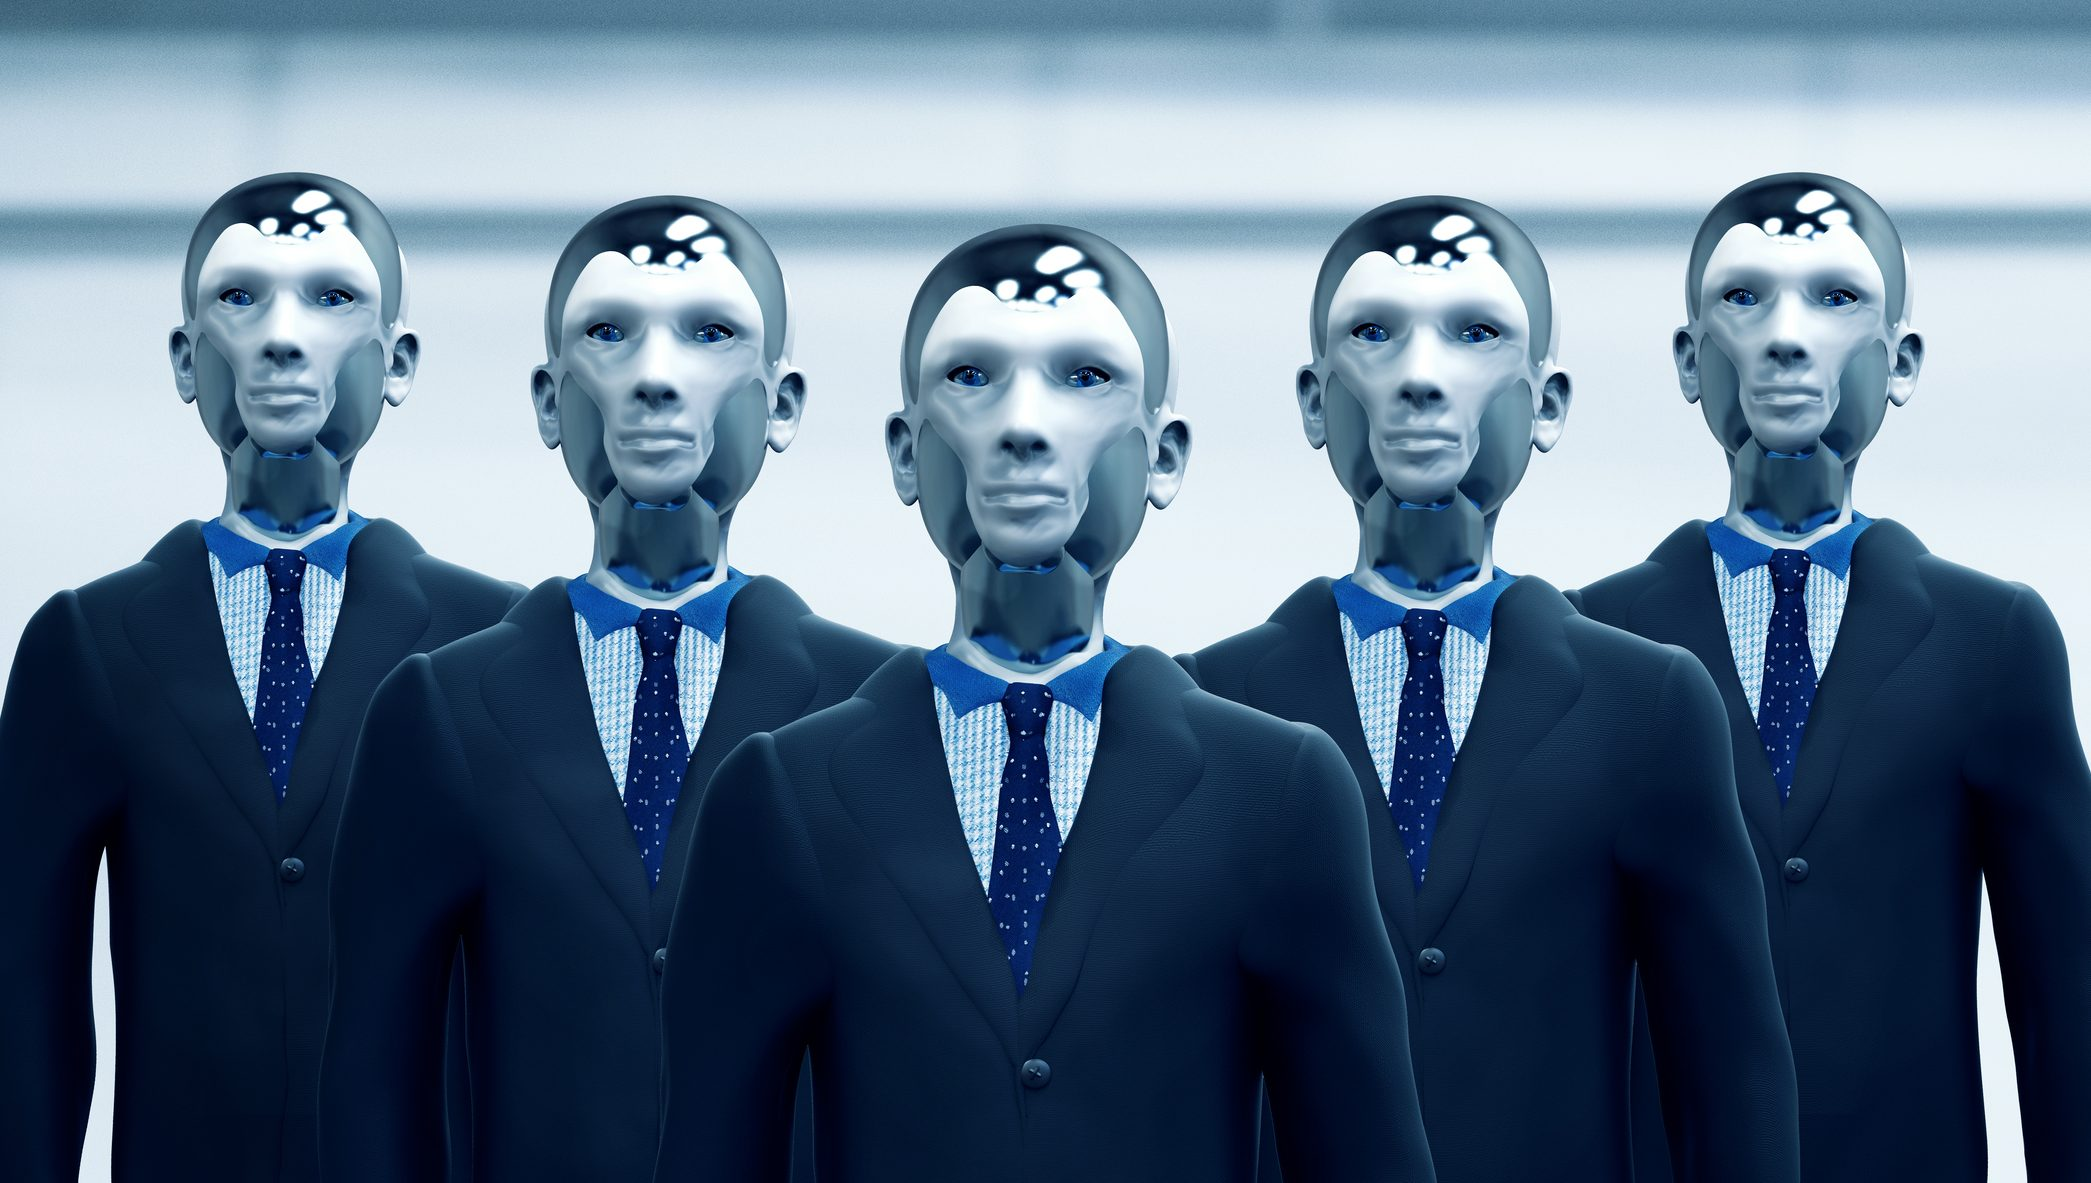 AI Robots